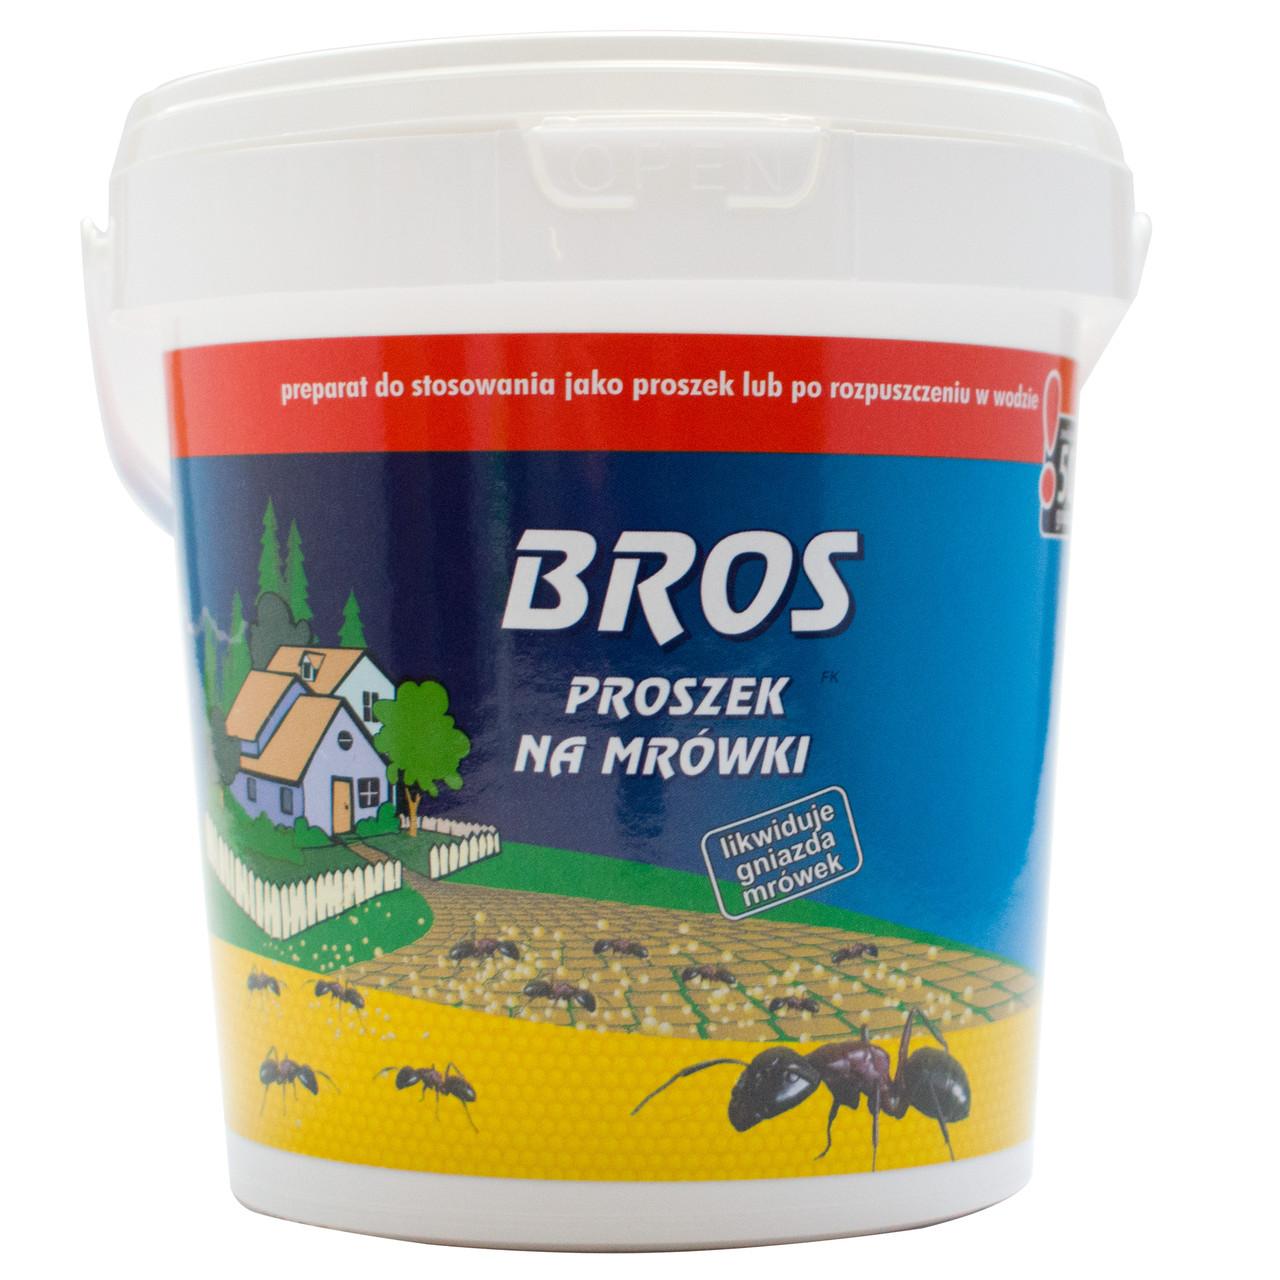 Порошок от муравьев Bros 500 г